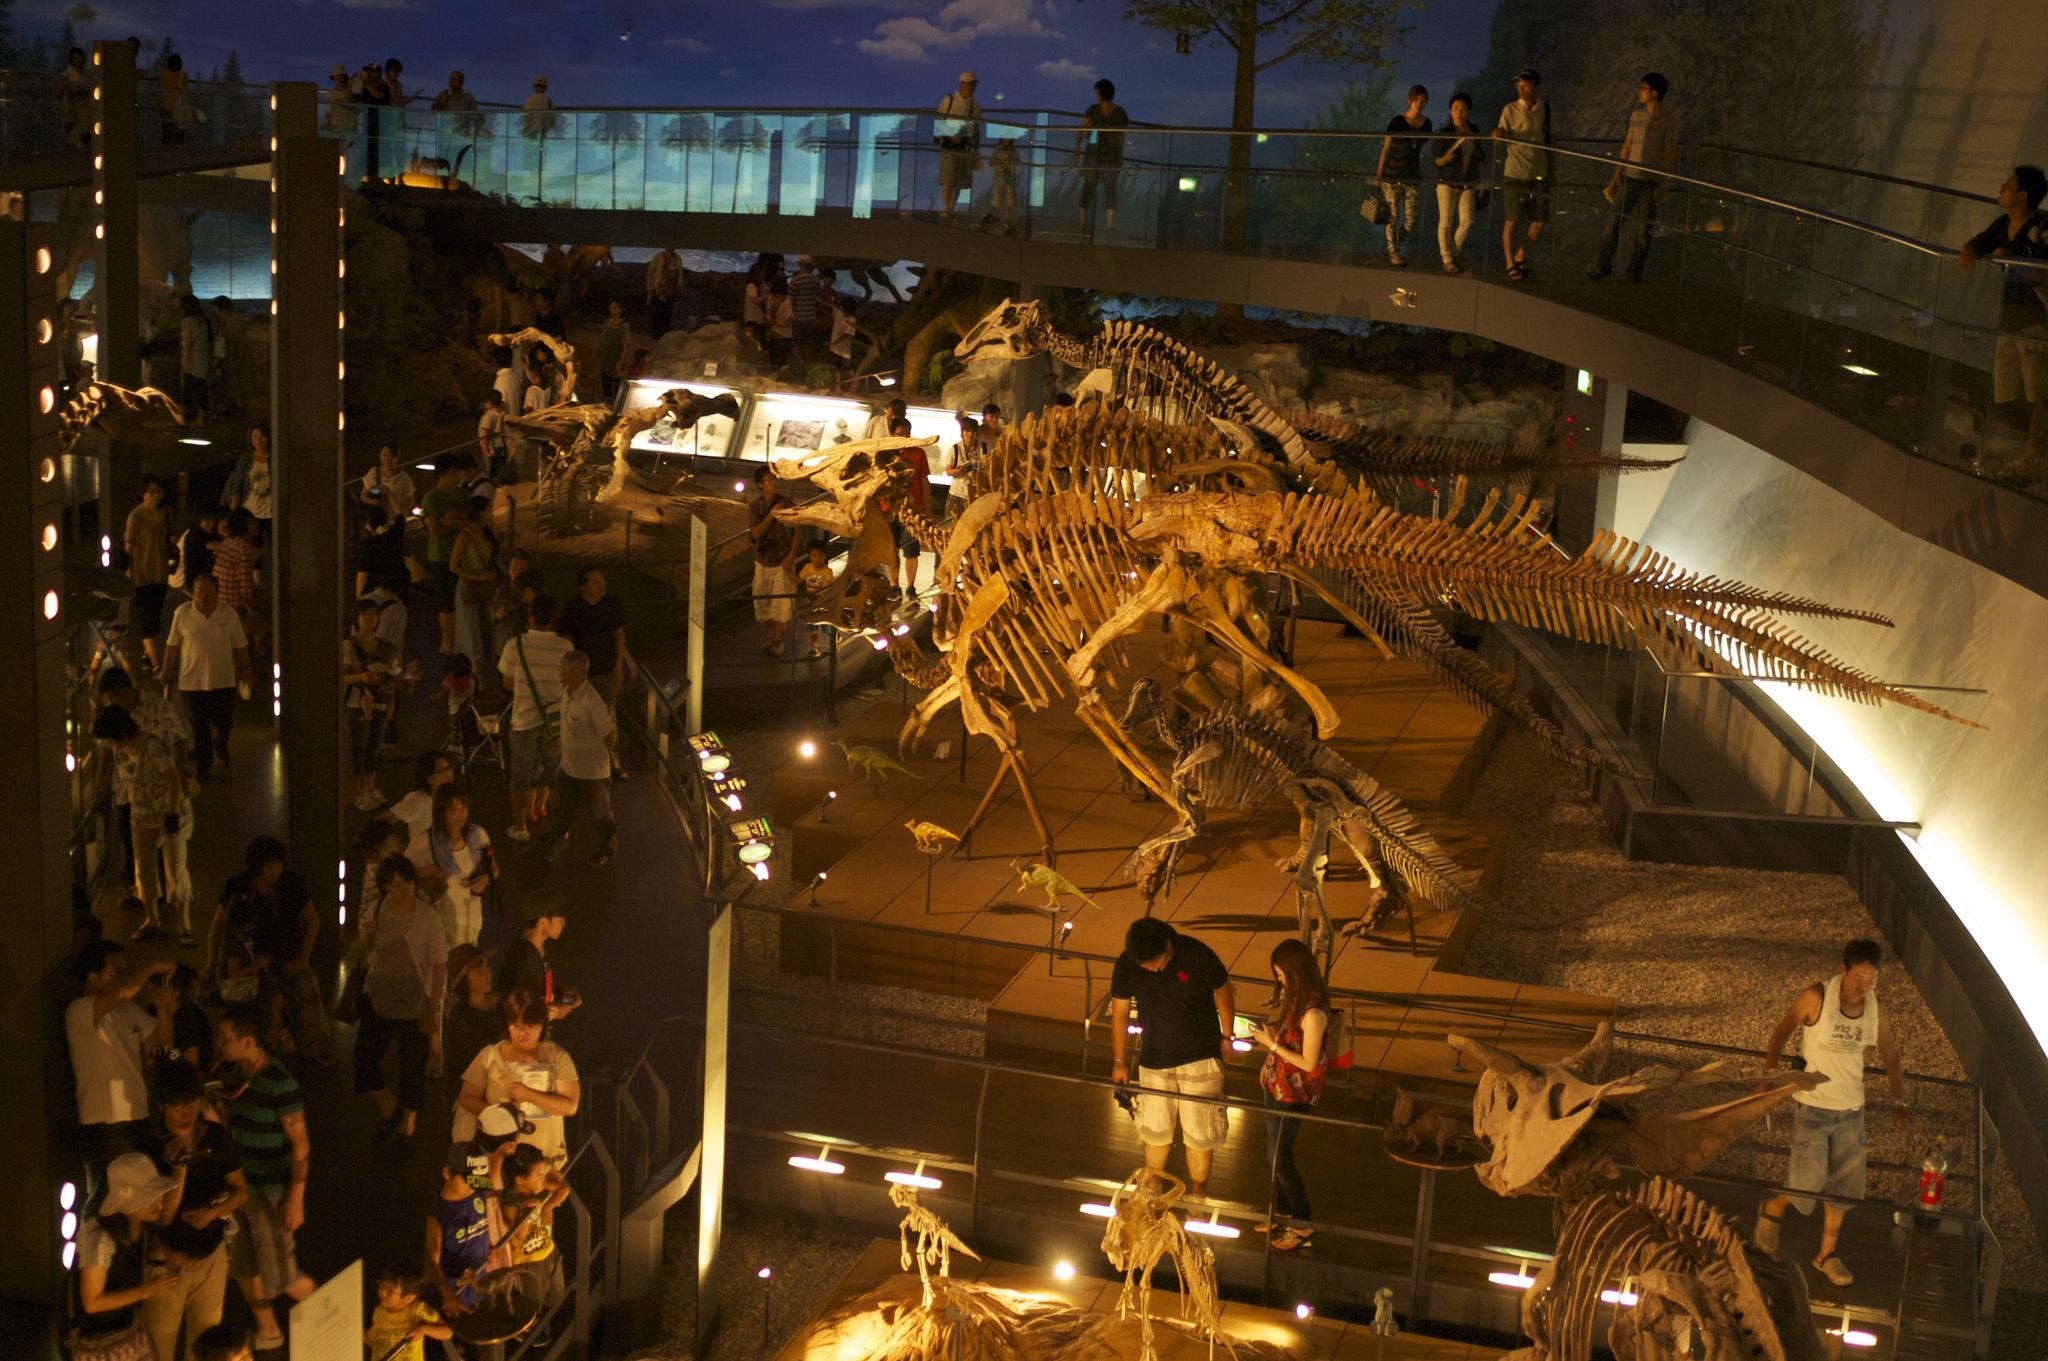 関西・九州地方のおすすめ恐竜博物館12選!大迫力の化石展示! 関連記事 関連するキーワードmomo